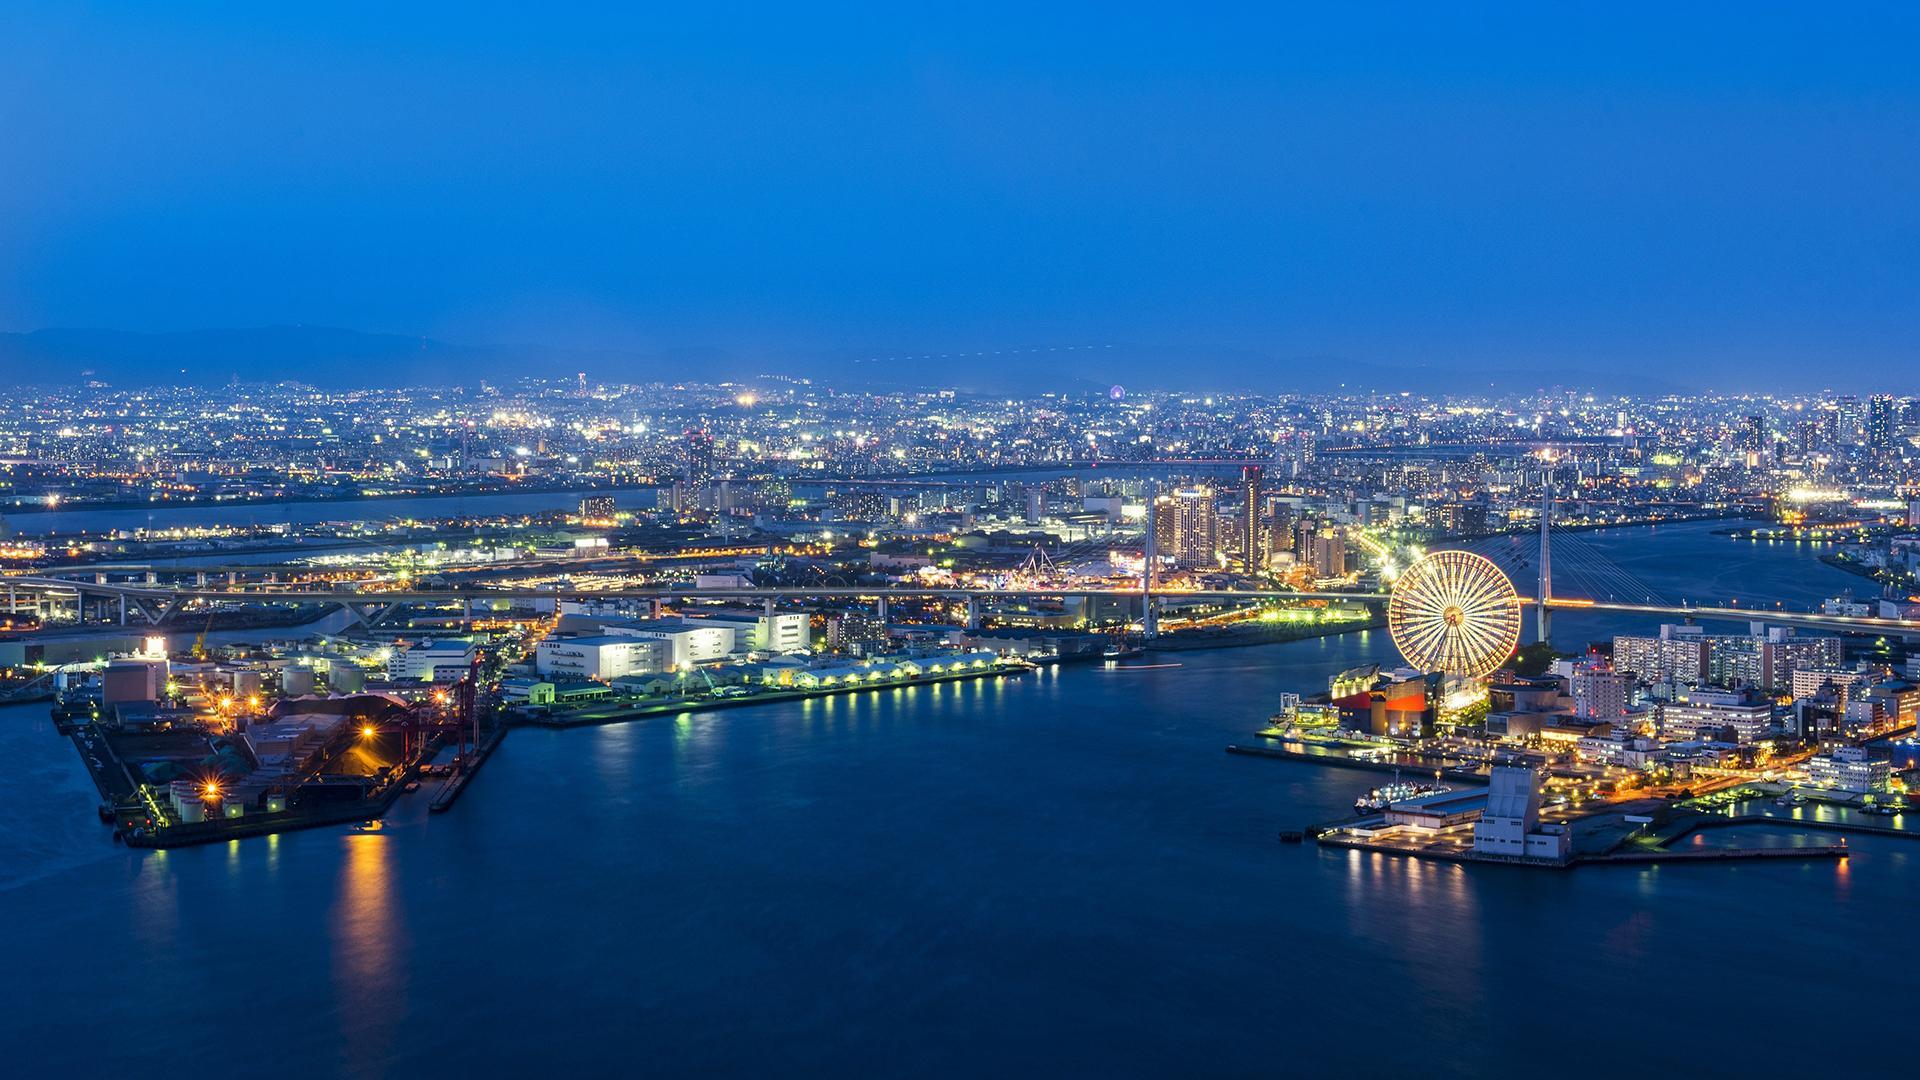 日本大阪_日本大阪风景图片桌面壁纸